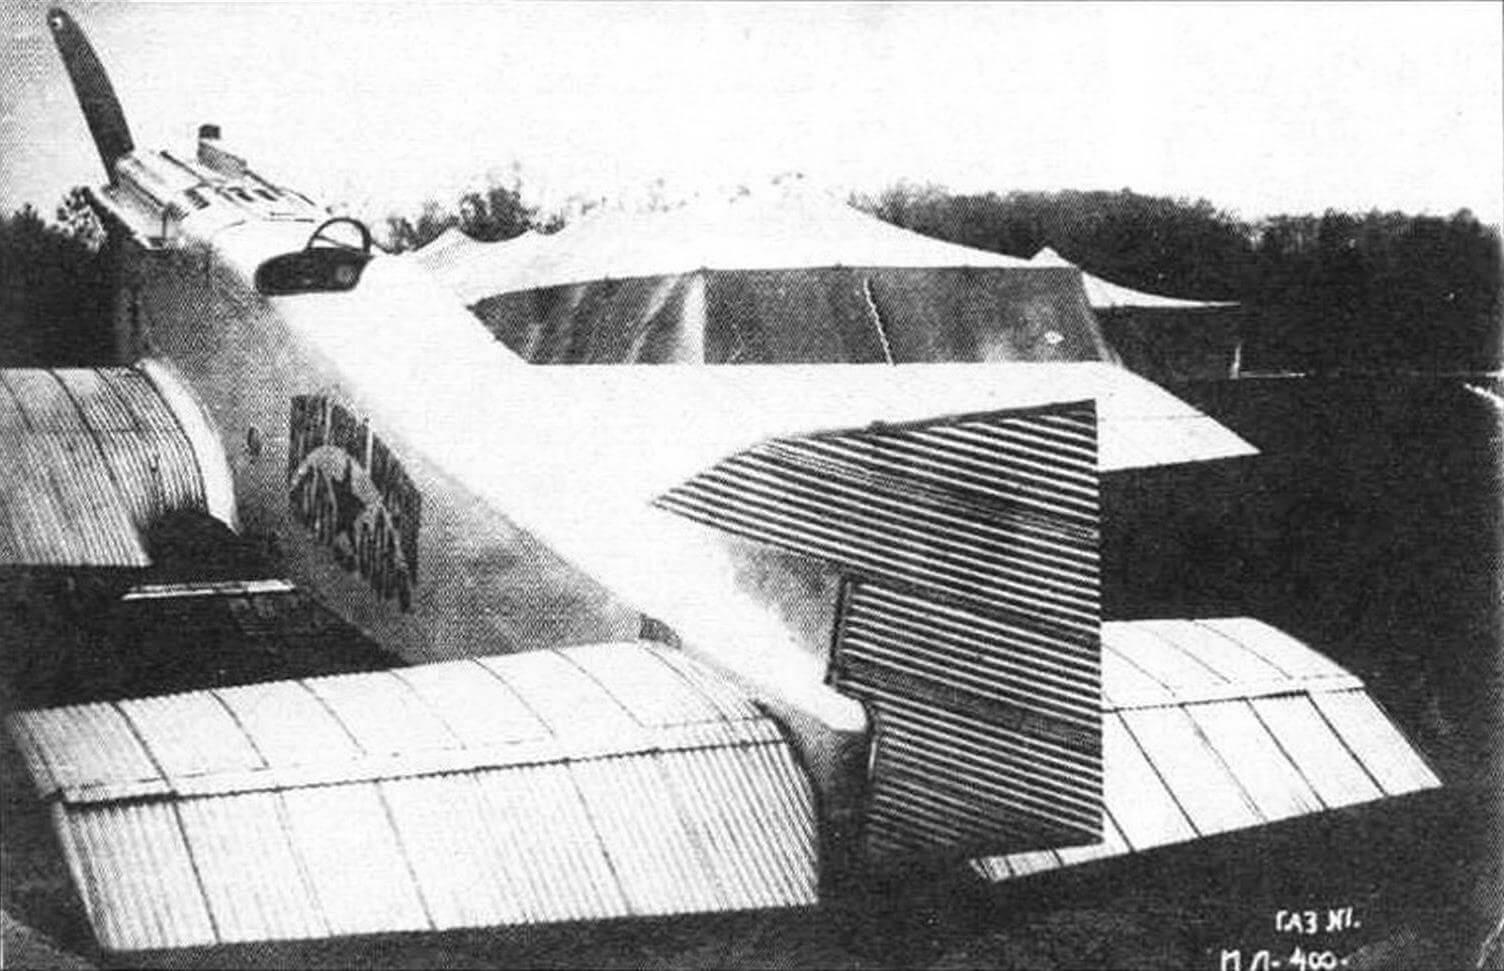 Второй опытный экземпляр ИЛ-400б отличался гофрированной обшивкой крыла и хвостового оперения